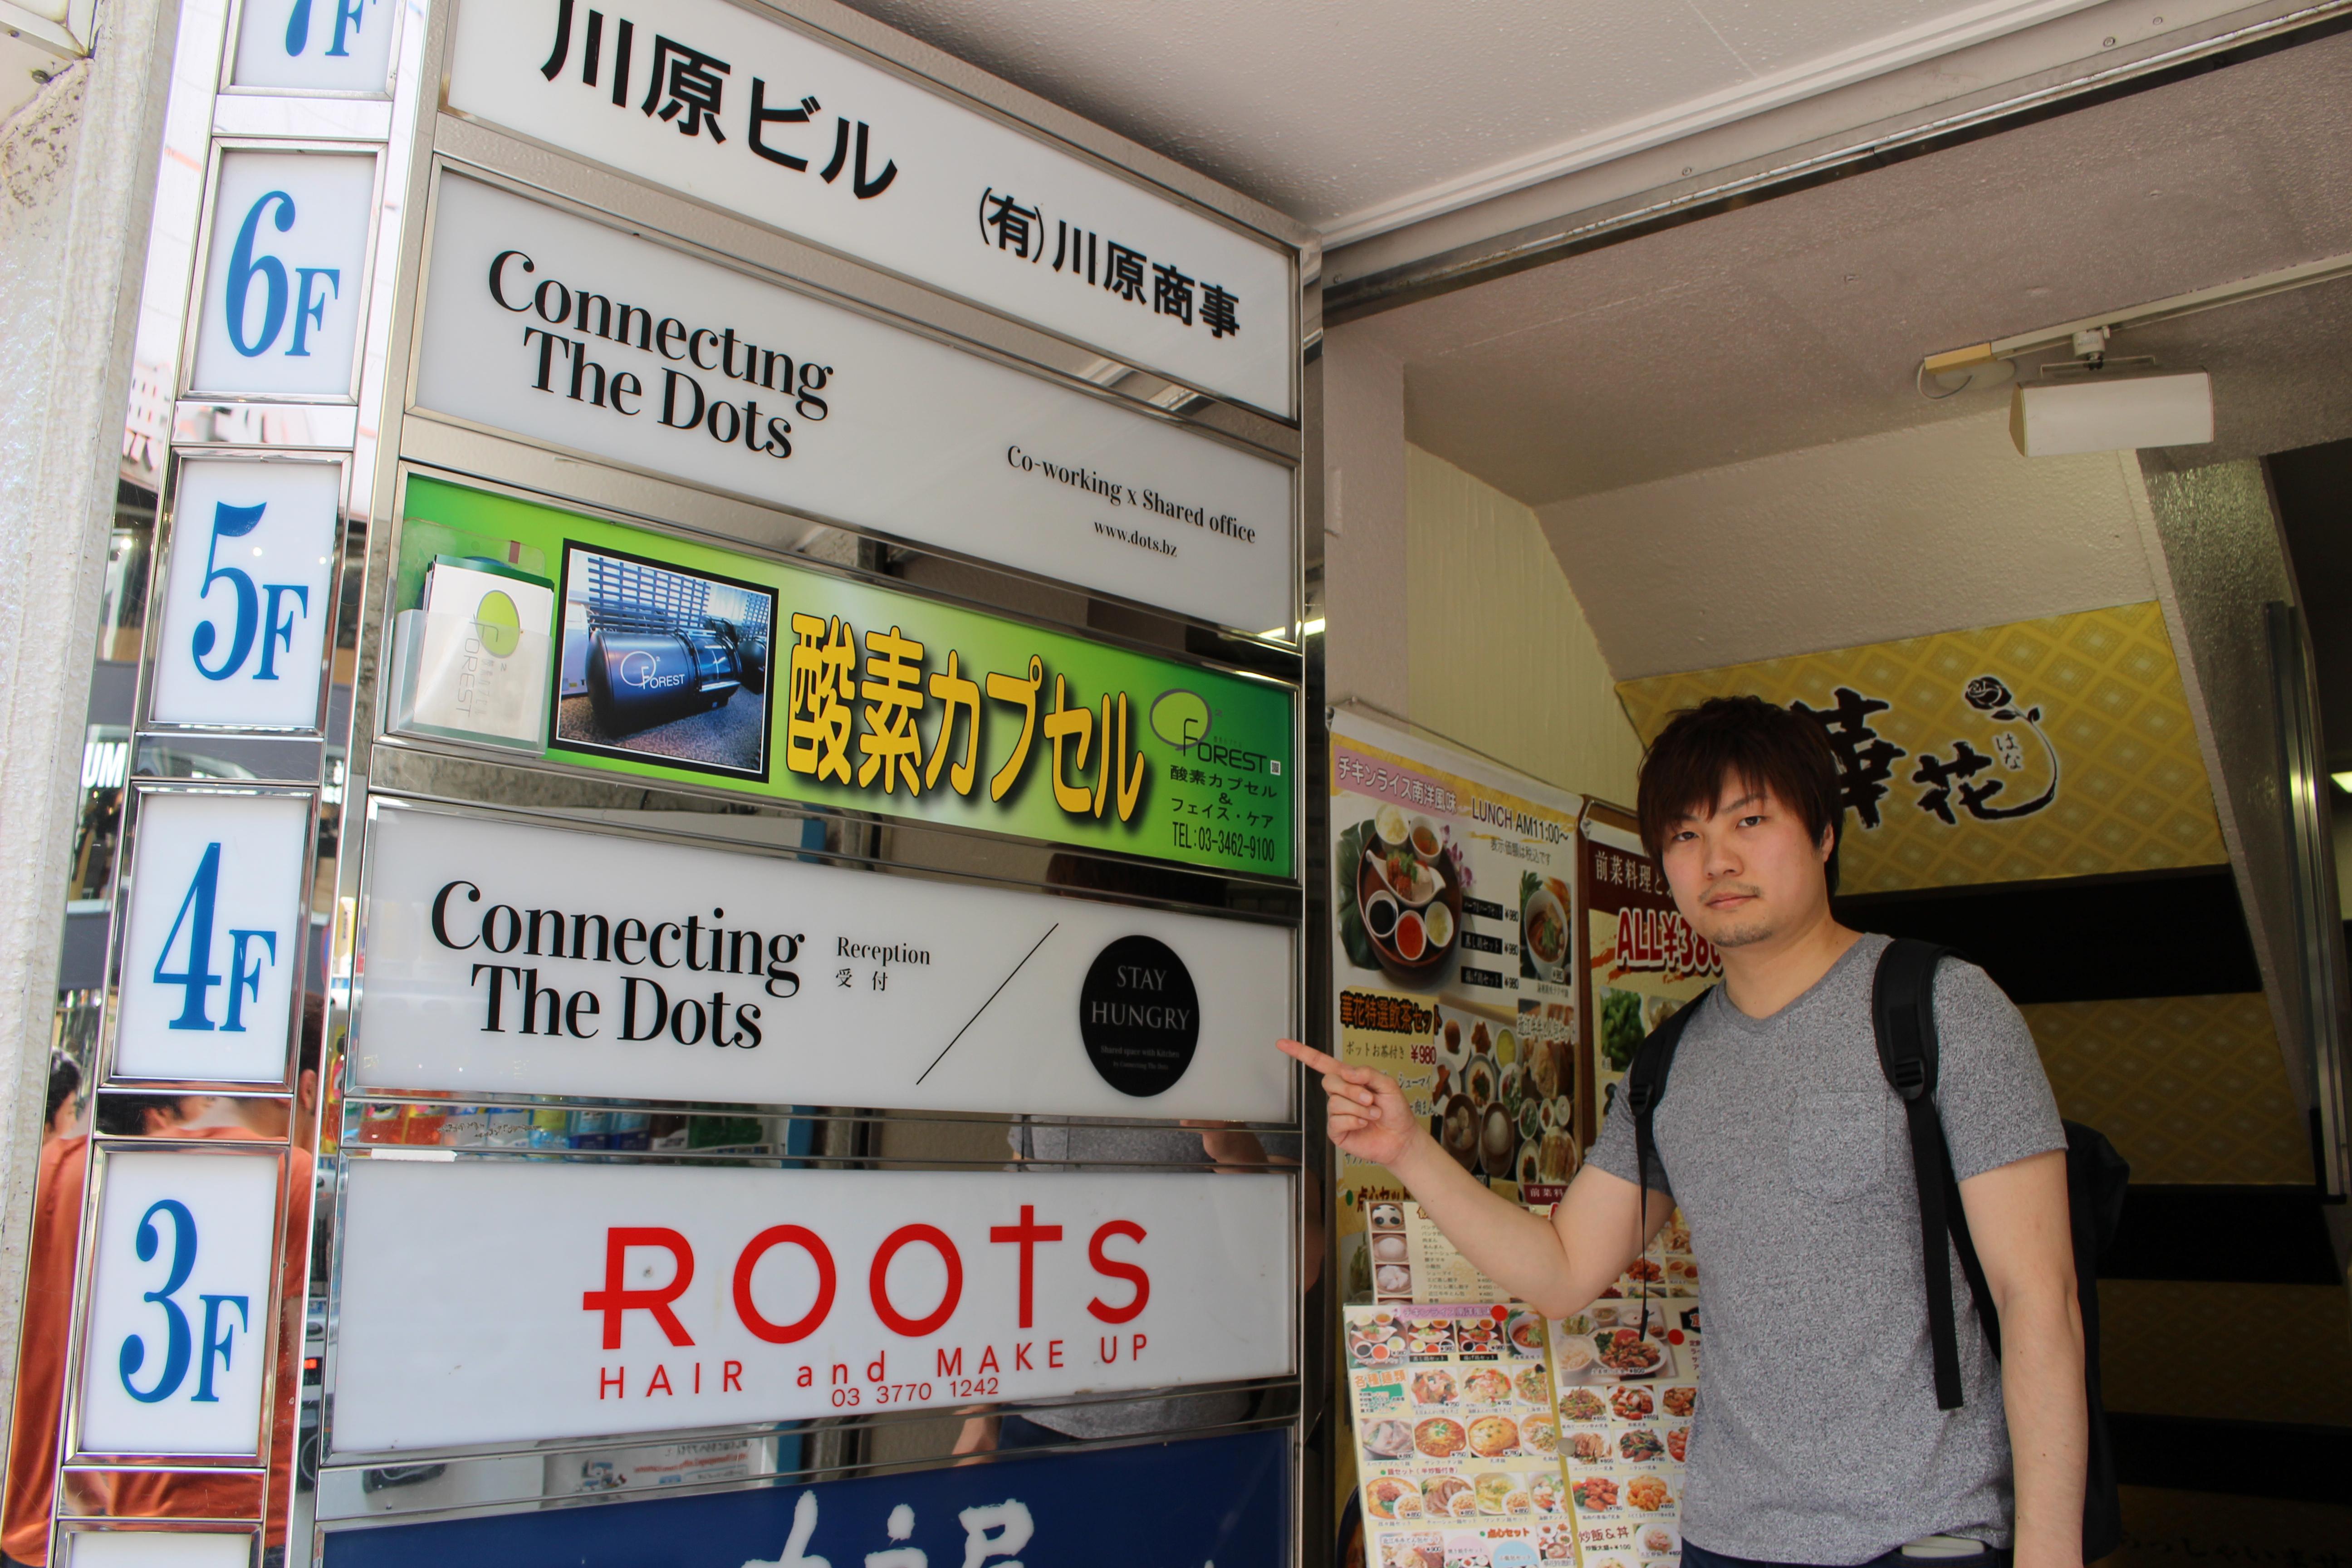 本当に仕事できるの!?渋谷のコワーキングスペース『connecting the dots』を使ってみた!